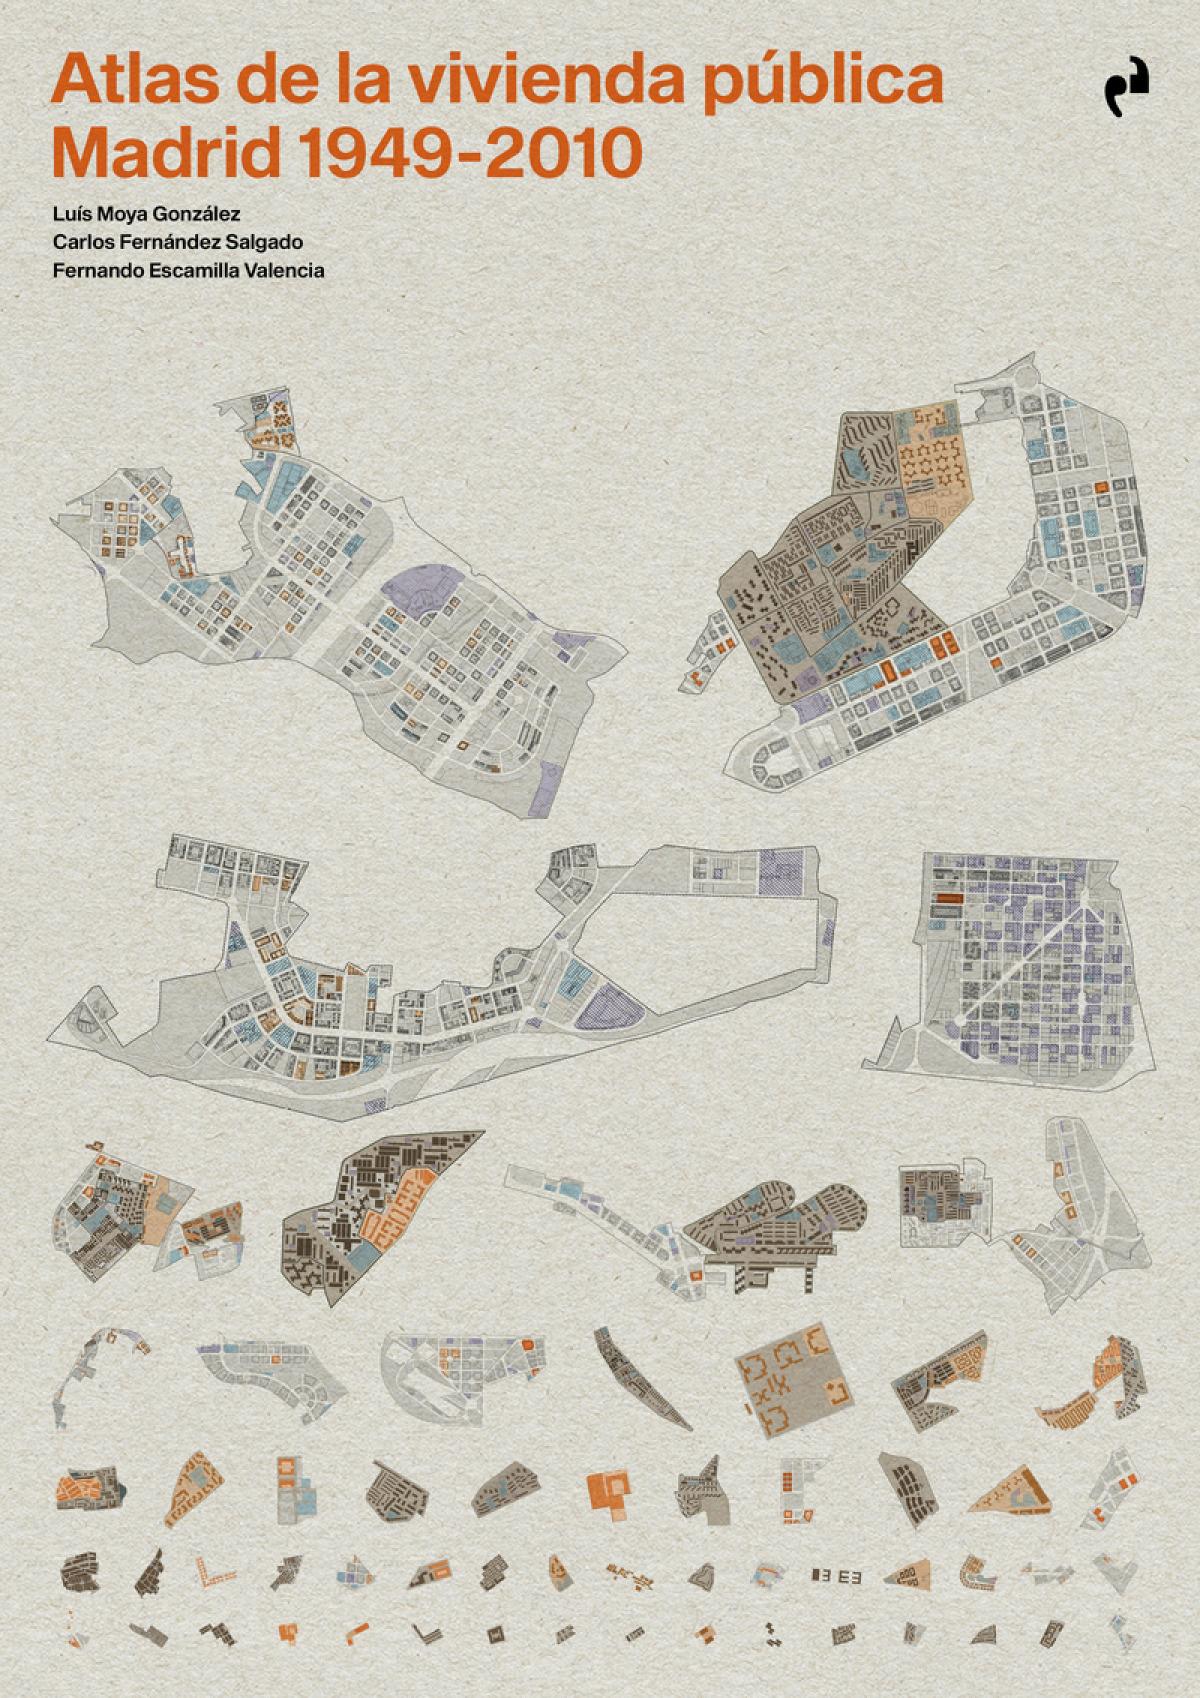 ATLAS DE LA VIVIENDA PÚBLICA. MADRID 1940-2010